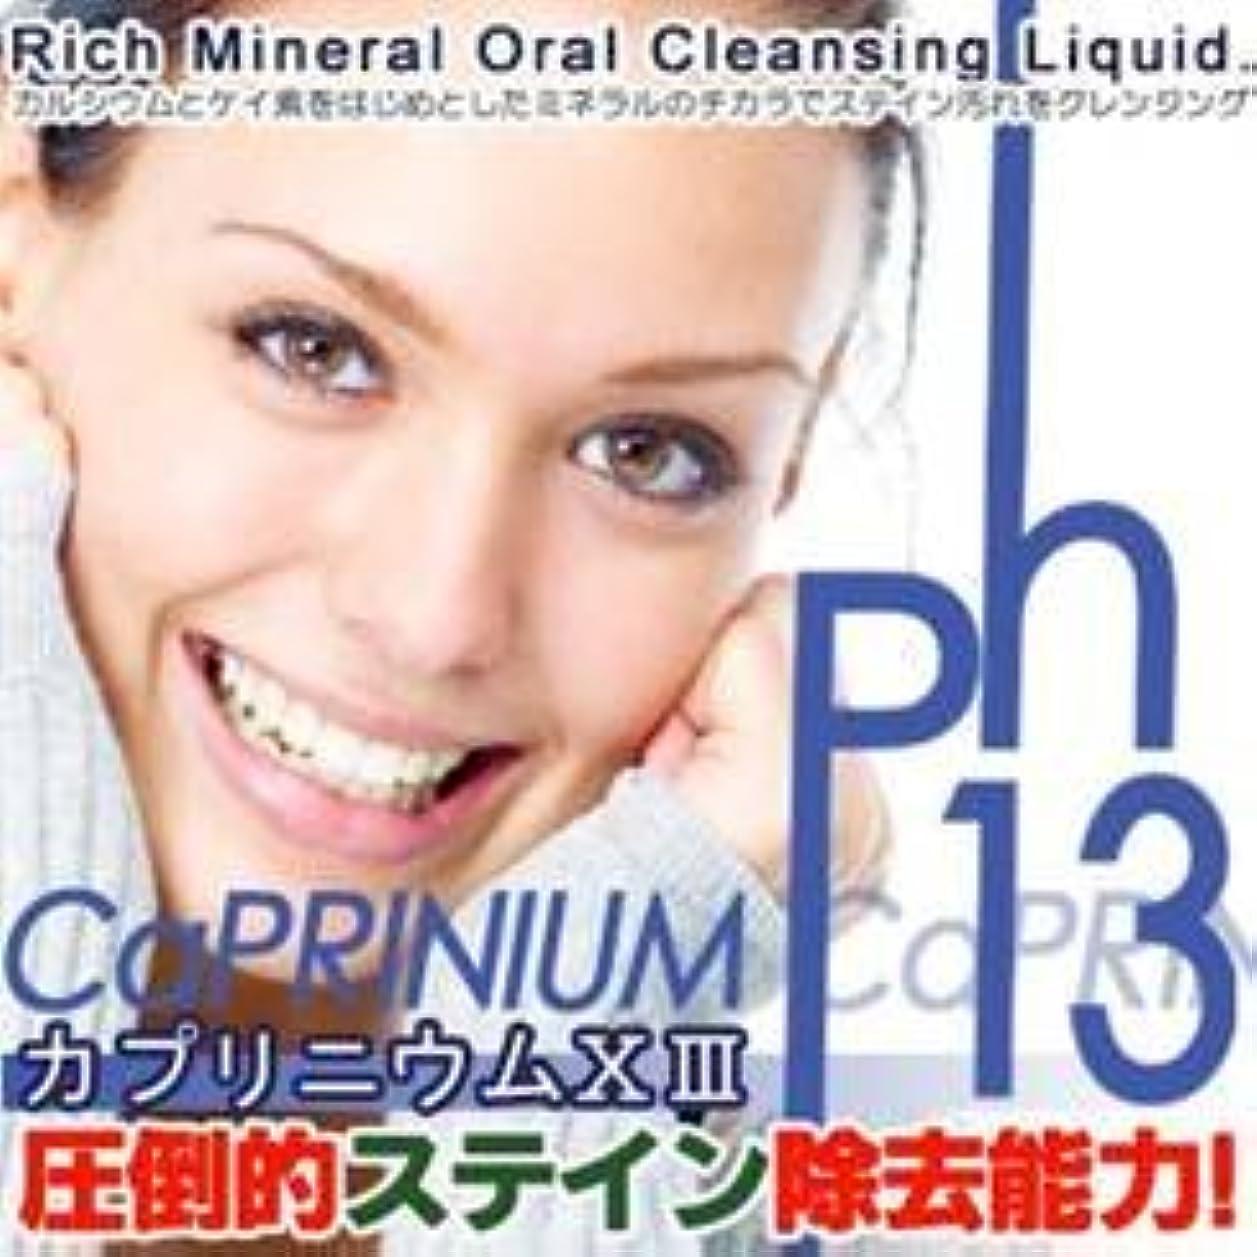 の頭の上無心レッスンカプリニウムサーティーンジェル1個入(10日分) 電動歯ブラシ対応歯磨きジェル